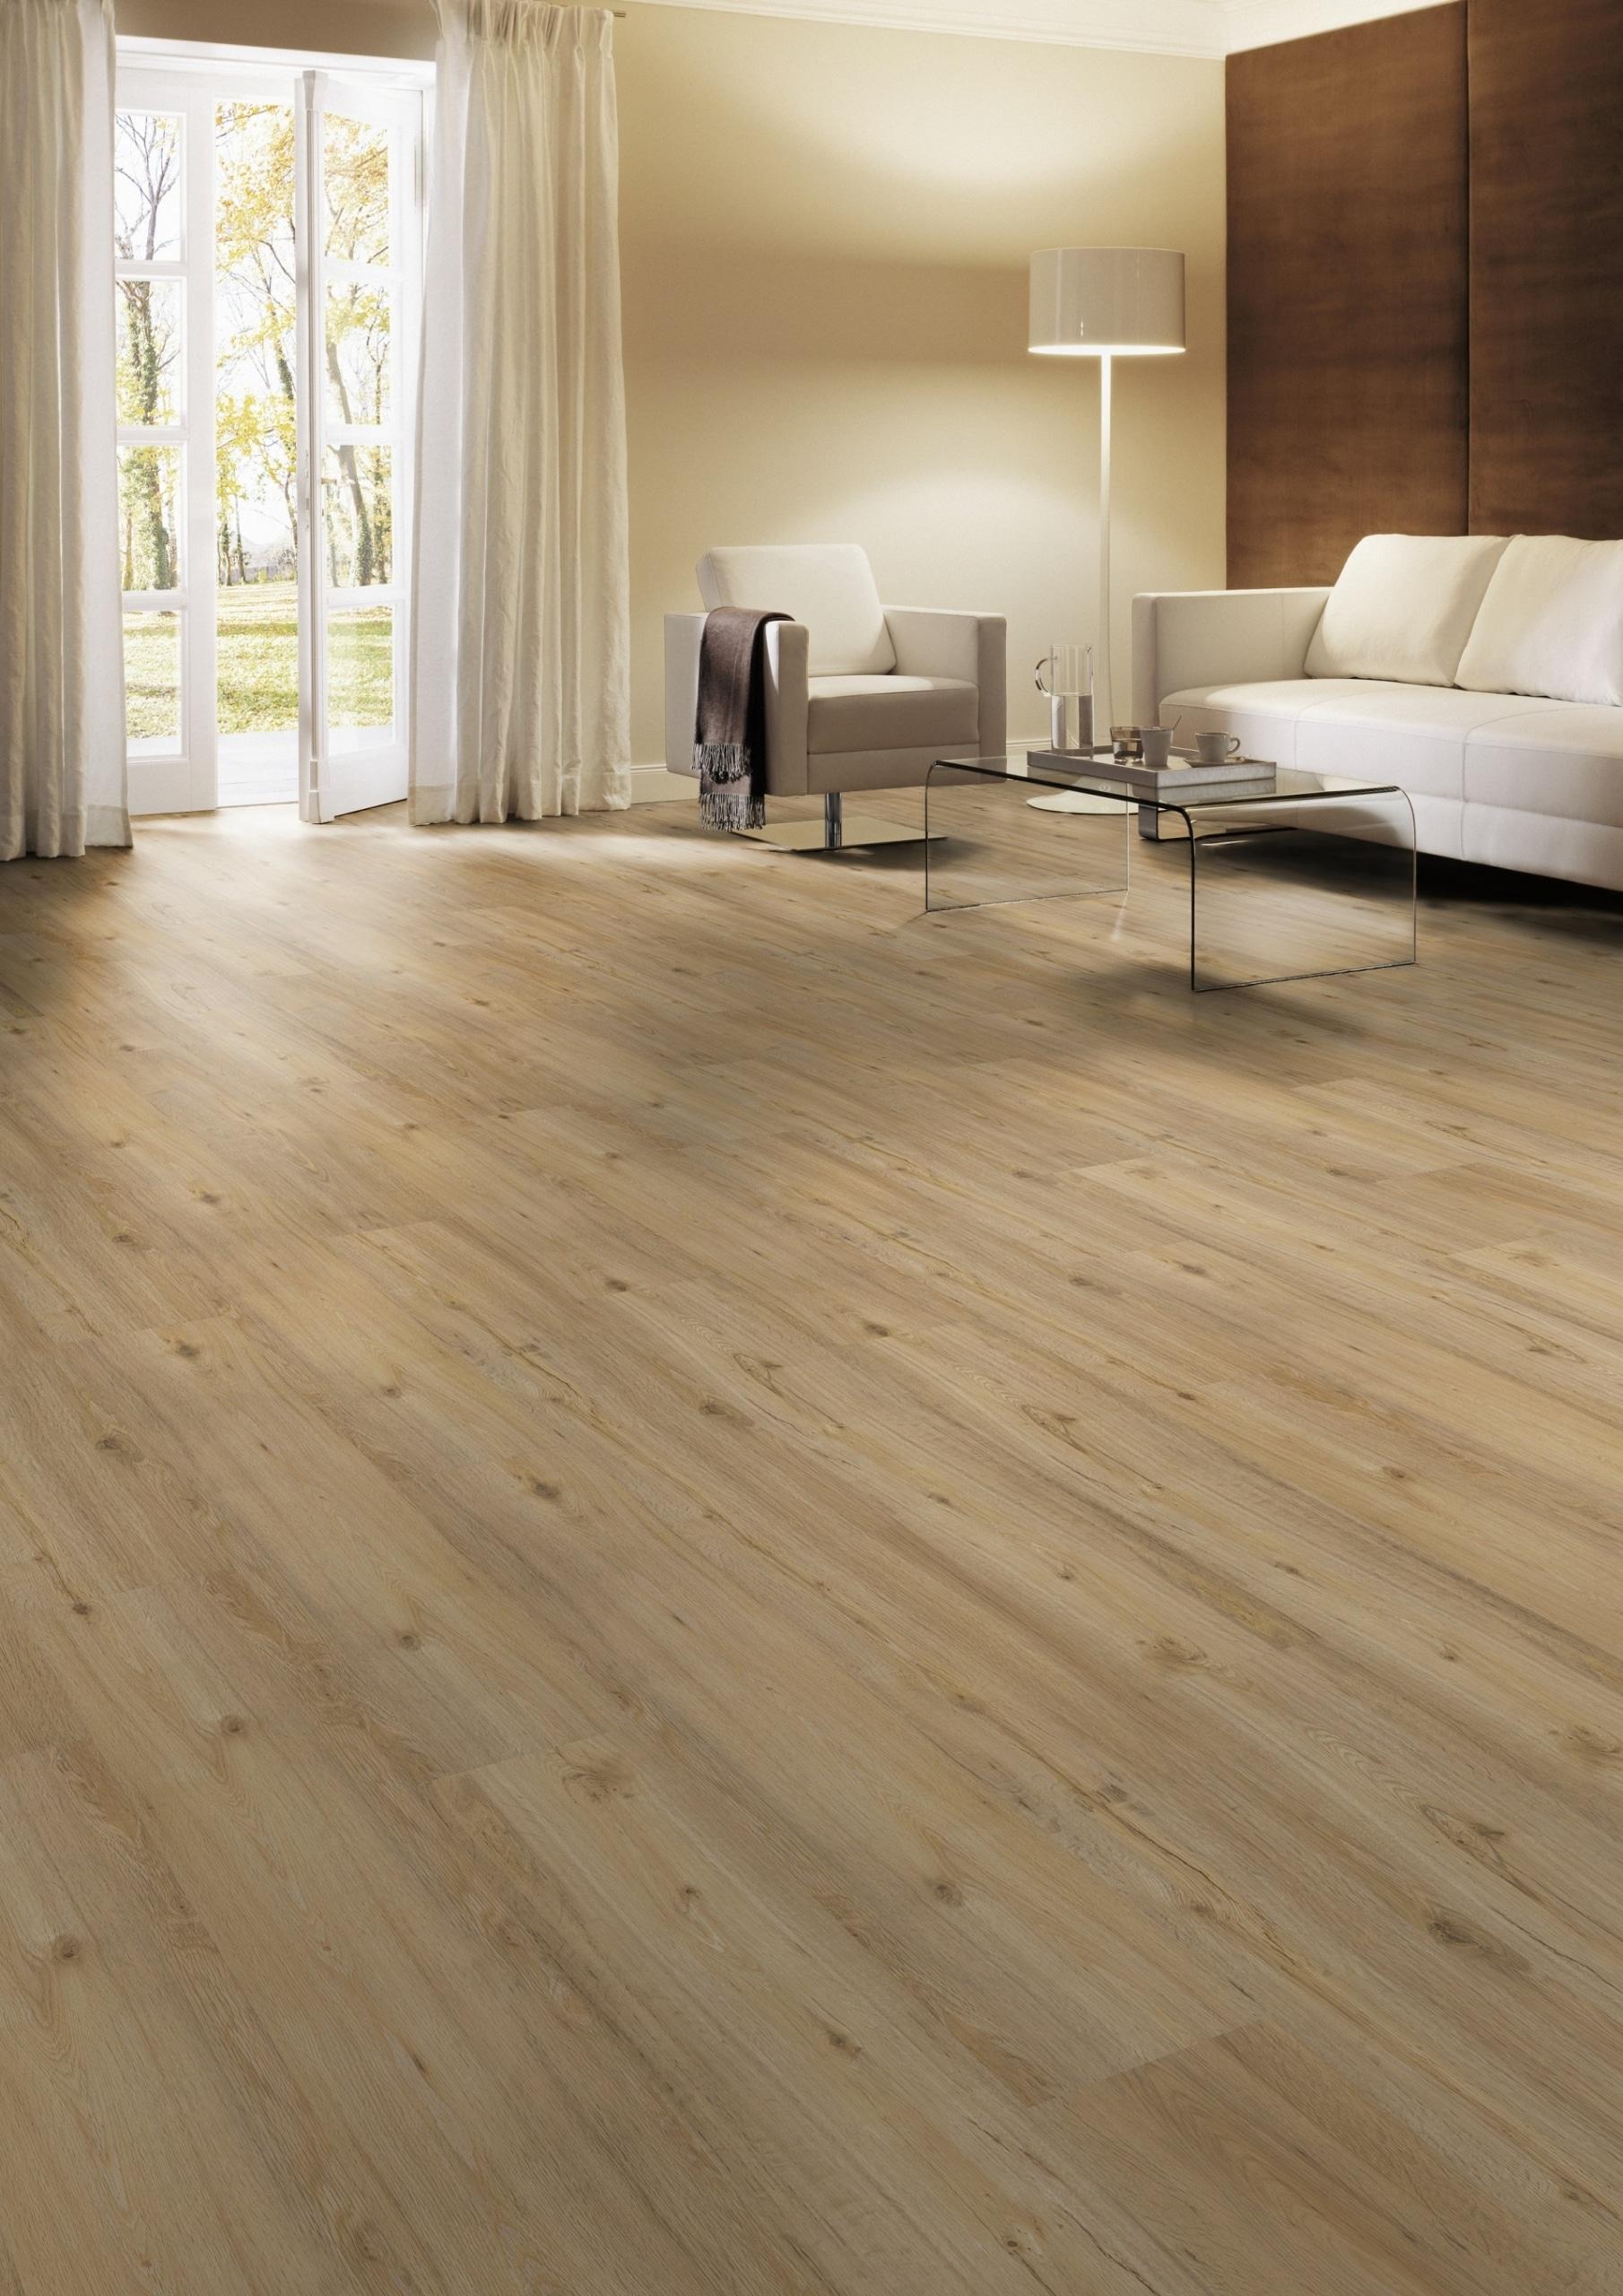 Wohnzimmer Boden aus Eiche Farbe Nevada Sor